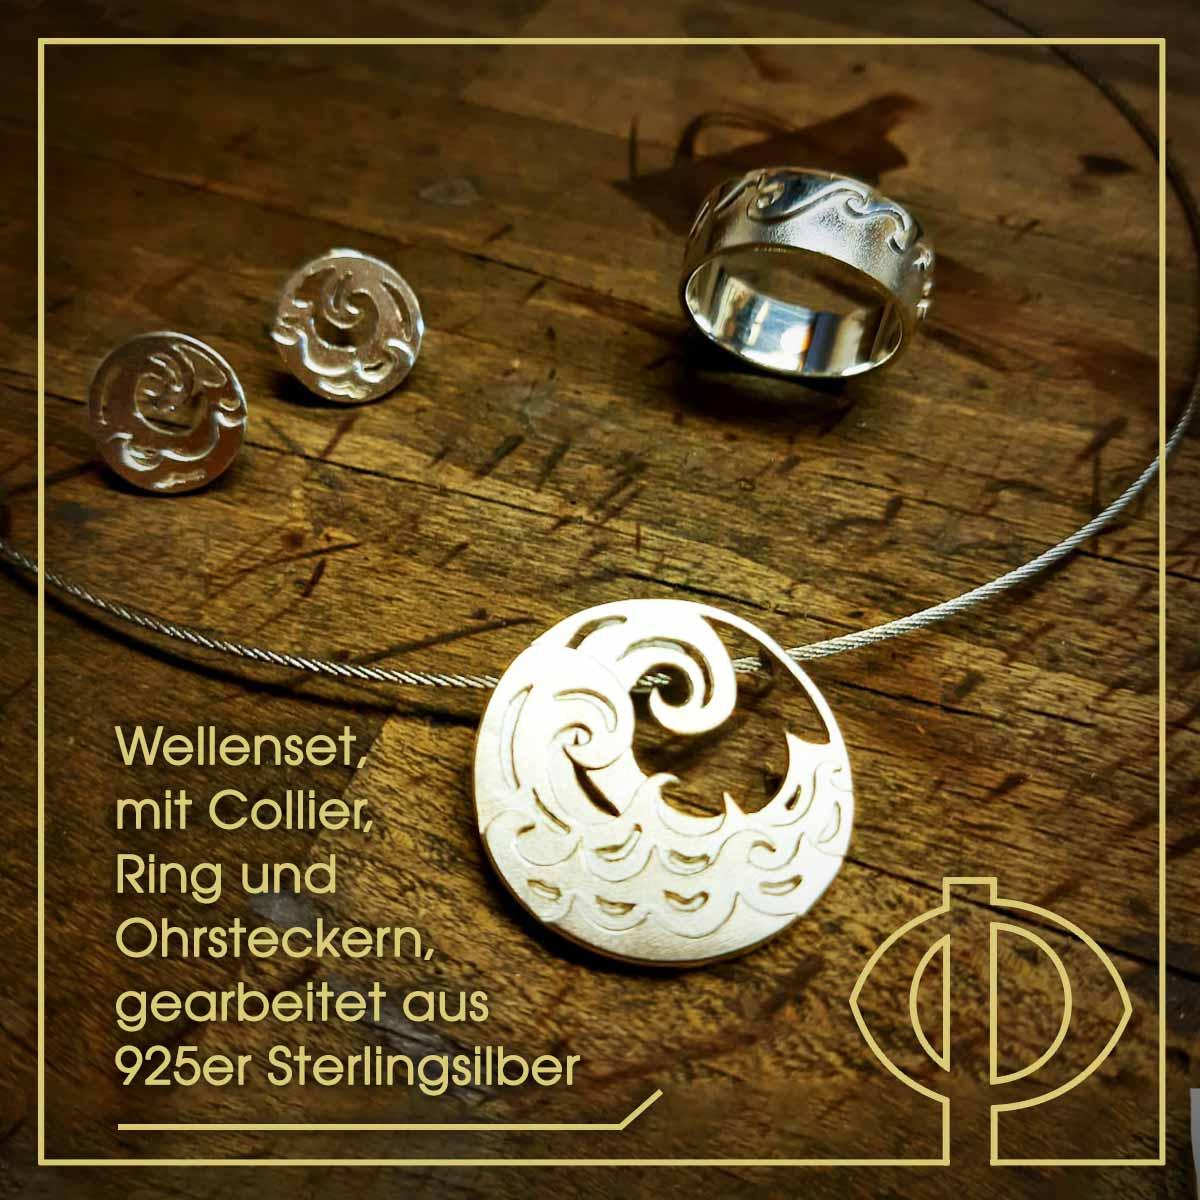 Wellenset mit Collier, Ring und Ohrsteckern - gearbeitet aus 925er Sterlingsilber